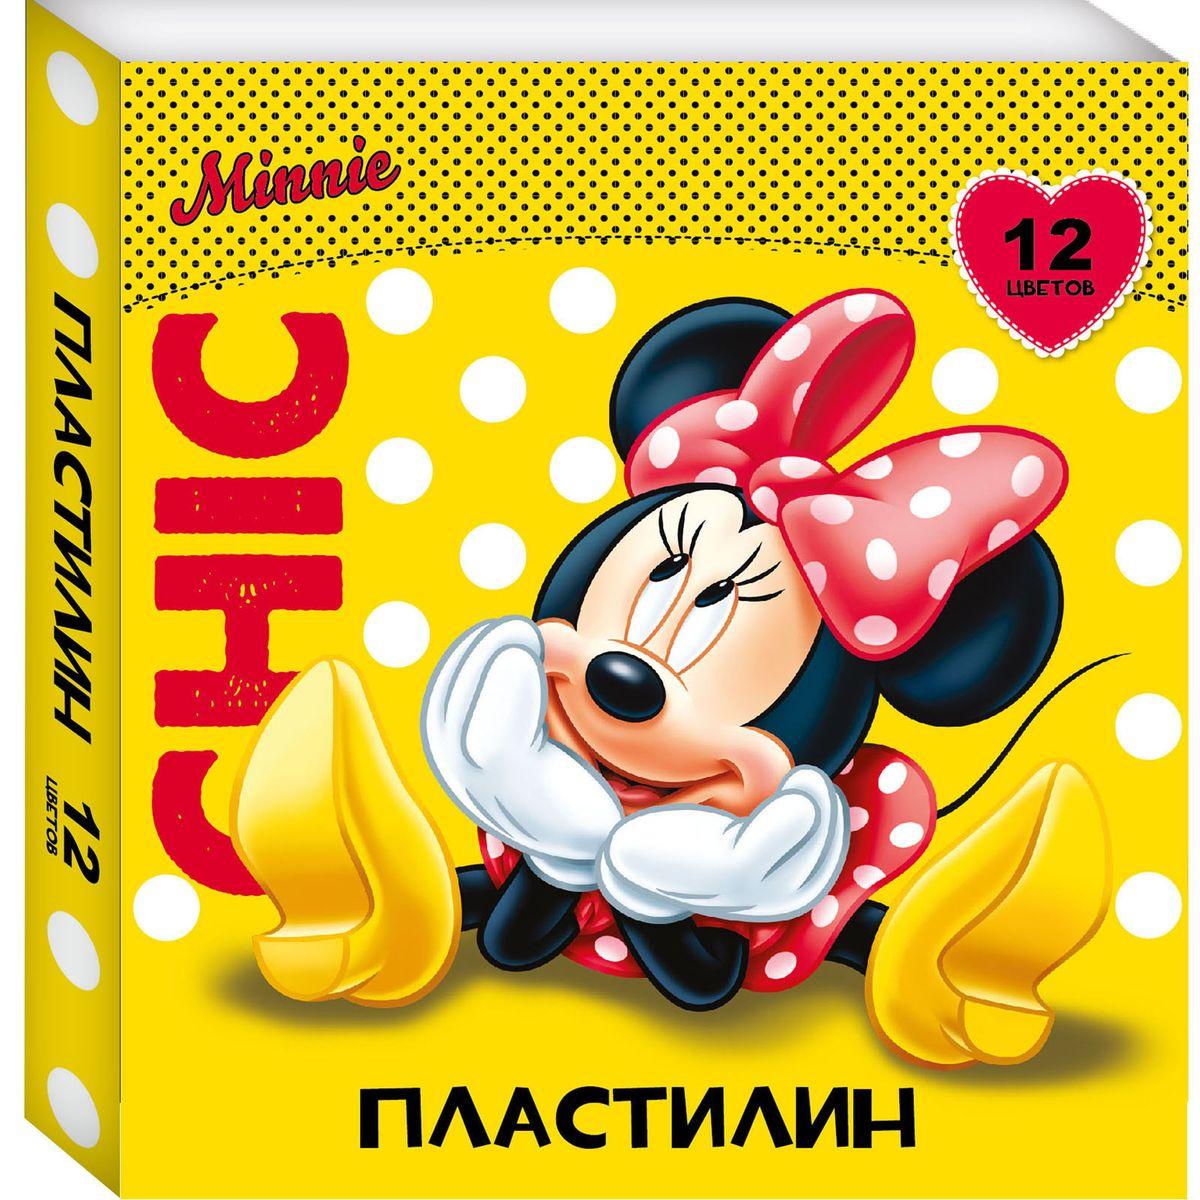 Disney Пластилин Минни 12 цветов23С 1483-08Яркий и легко размягчающийся пластилин Disney Минни поможет вашему малышу создать множество интересных поделок, а очаровательная Минни Маус вдохновит кроху на новые творческие идеи. Лепить из этого пластилина - одно удовольствие: он обладает отличными пластичными свойствами, не липнет к рукам, не имеет запаха, безопасен при использовании по назначению. Смешивайте цвета, фантазируйте, экспериментируйте и развивайте своего малыша: лепка активно тренирует у ребенка мелкую моторику и умение работать пальчиками, развивает тактильное восприятие формы, веса и фактуры, совершенствует воображение и пространственное мышление. А главное - лепить фигурки в компании любимой героини невероятно весело! В наборе 12 цветов пластилина, которые легко смешиваются друг с другом. Состав: парафин, петролатум, мел, каолин, красители.